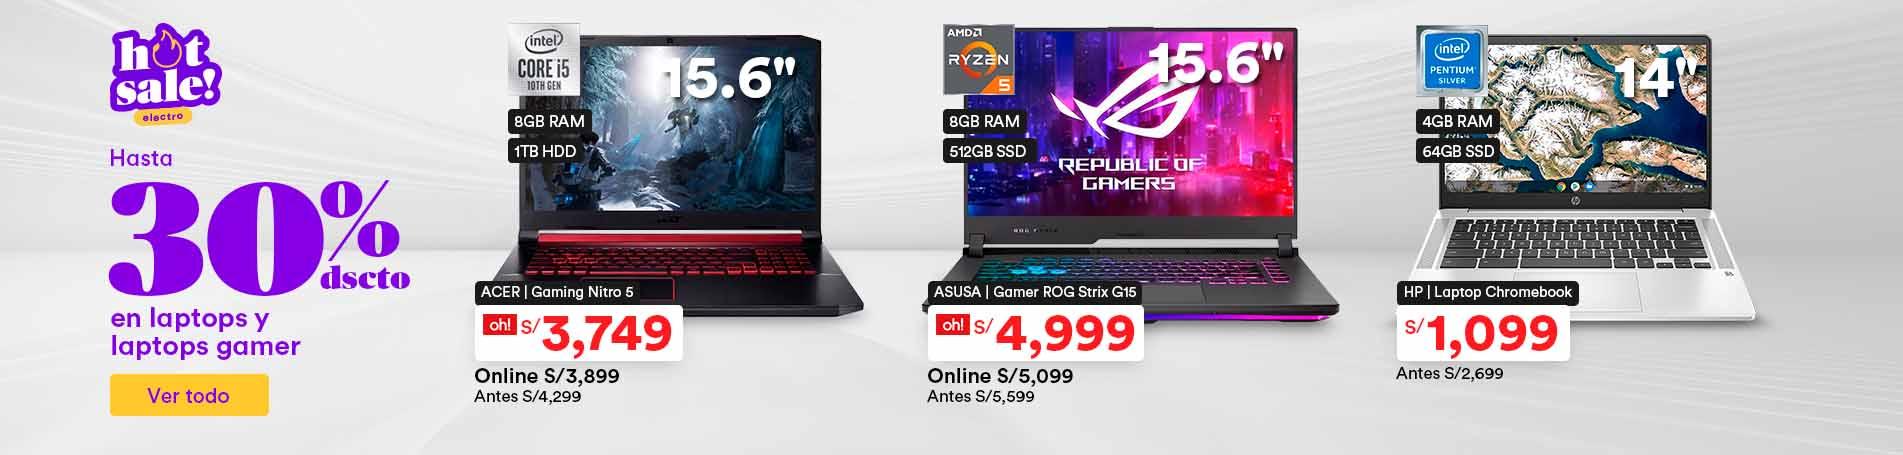 Hasta 30% de descuento en laptops y laptops gamer